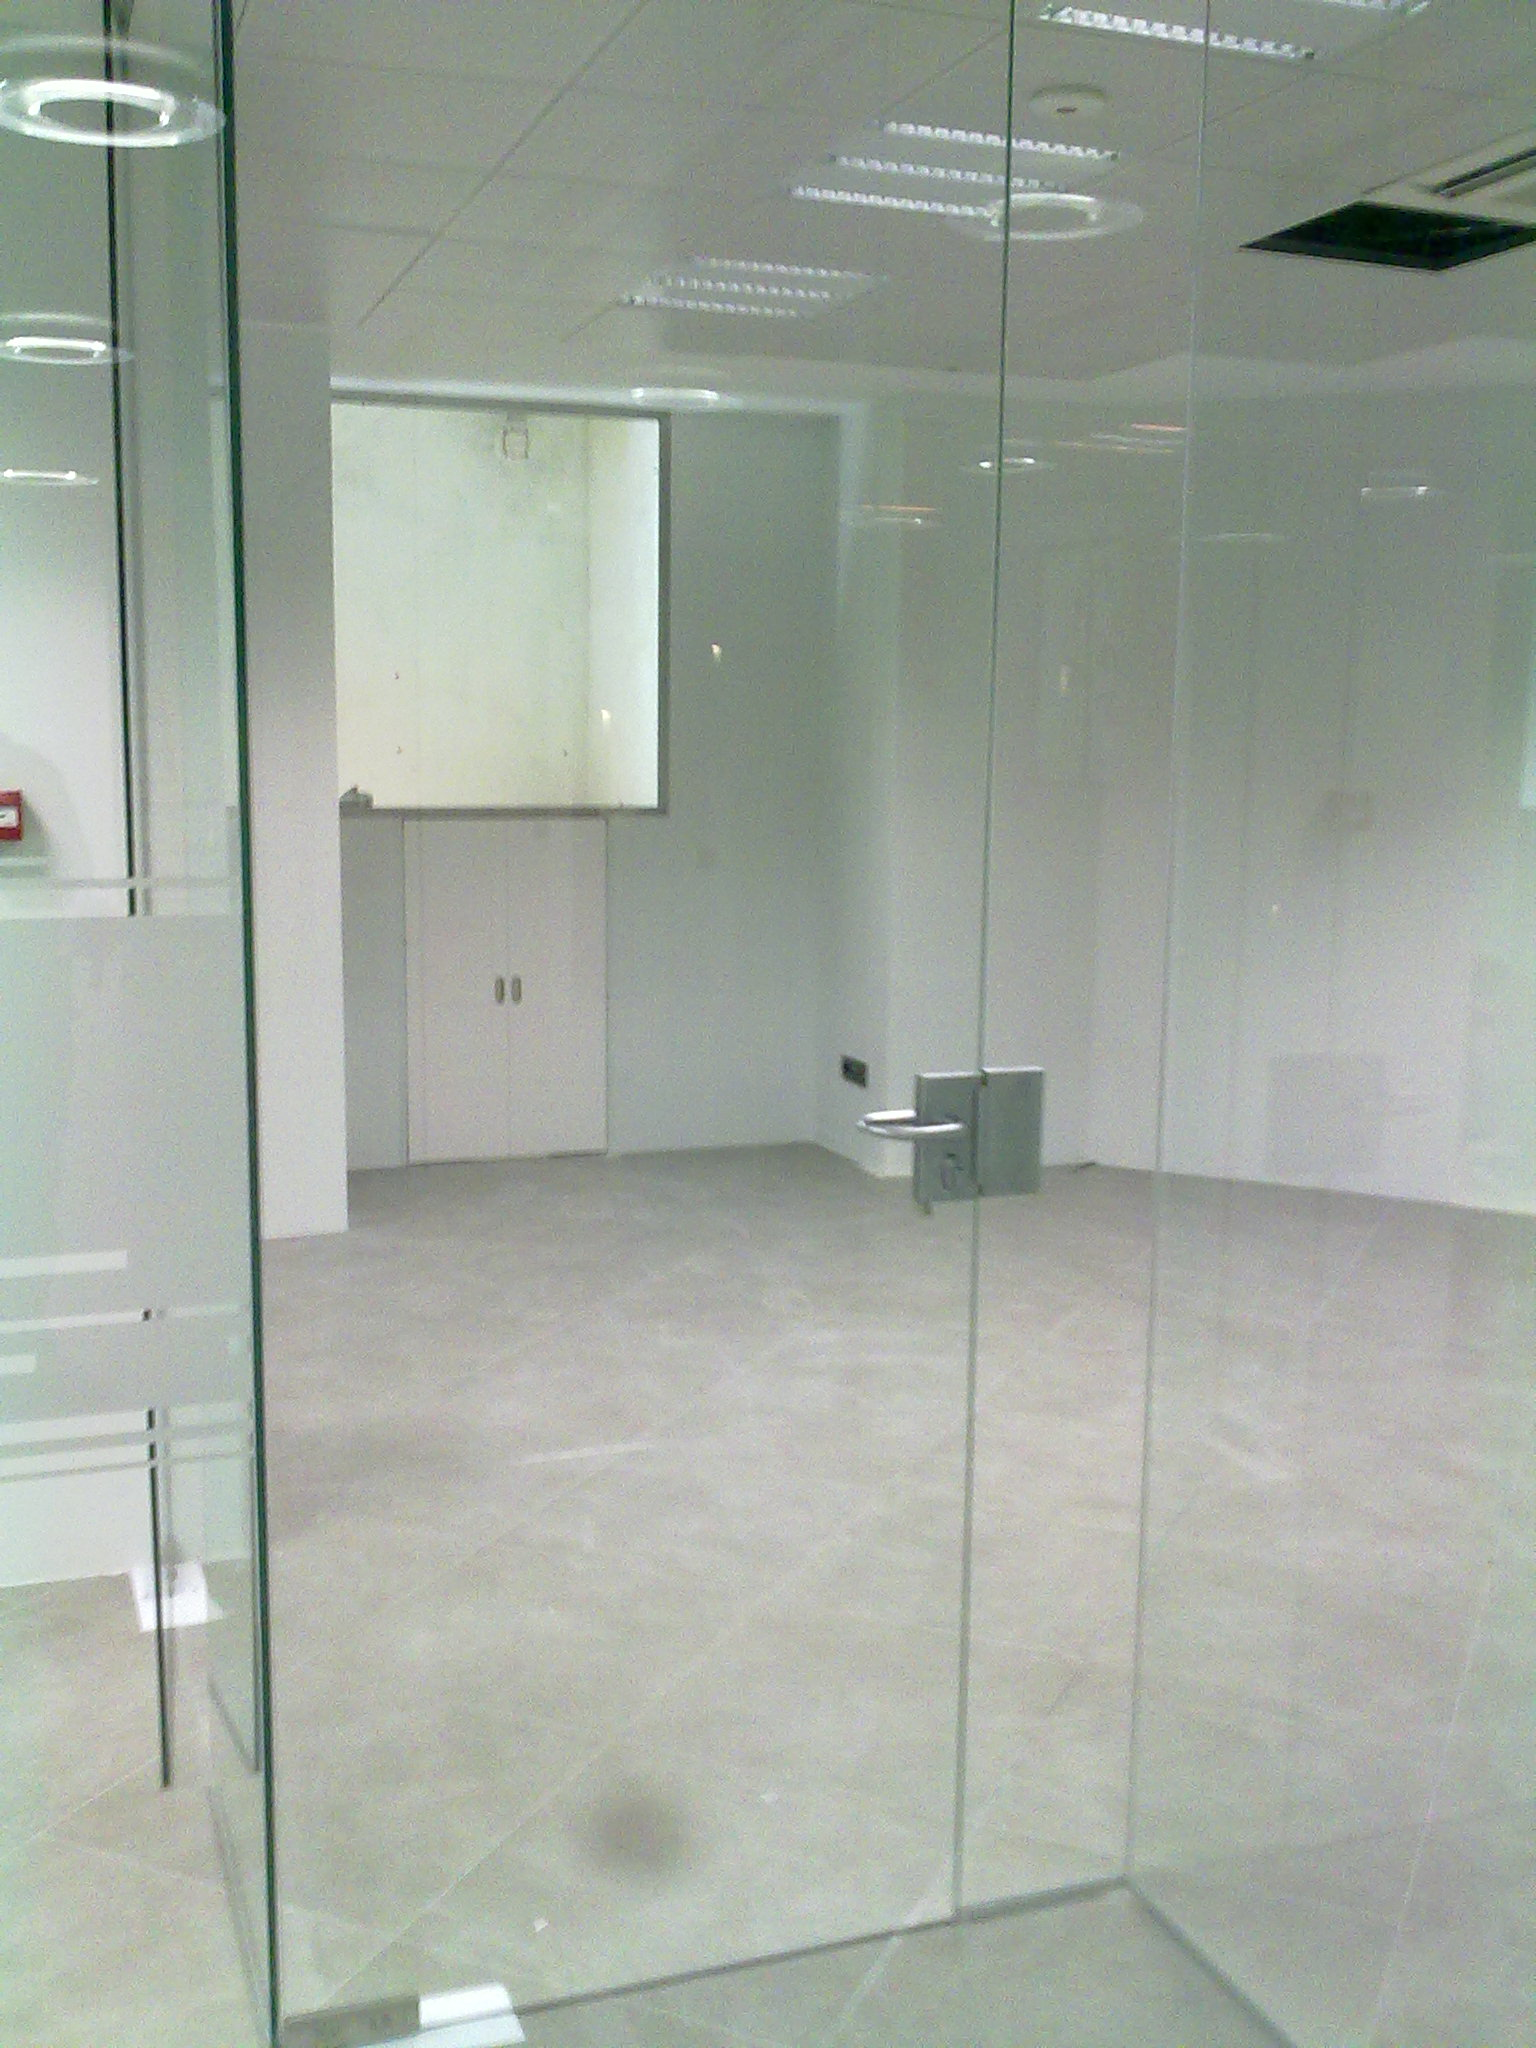 Puerta de vidrio finest ms de ideas increbles sobre - Puertas de vidrio ...